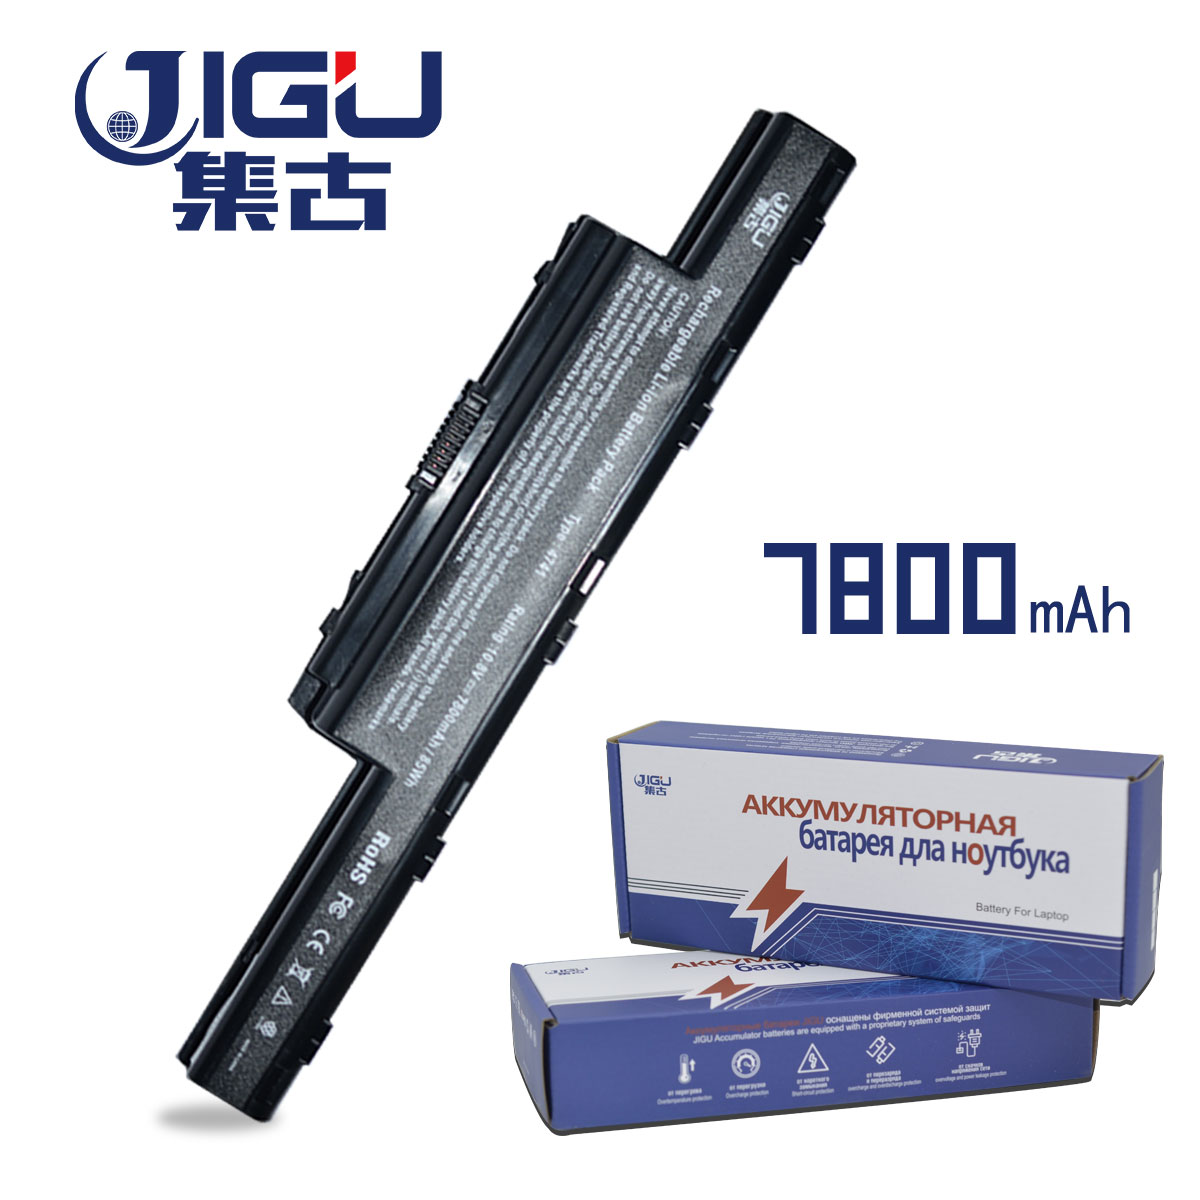 JIGU Laptop Battery For Acer Aspire V3 V3-471 V3-551 G V3-571 V3-731 V3-771 FOR eMachines E732 FOR TravelMate 4370 4740 4750G new original 15 2v 46wh 48wh laptop battery for acer aspire v3 v3 371 v3 371 30fa ac14b8k